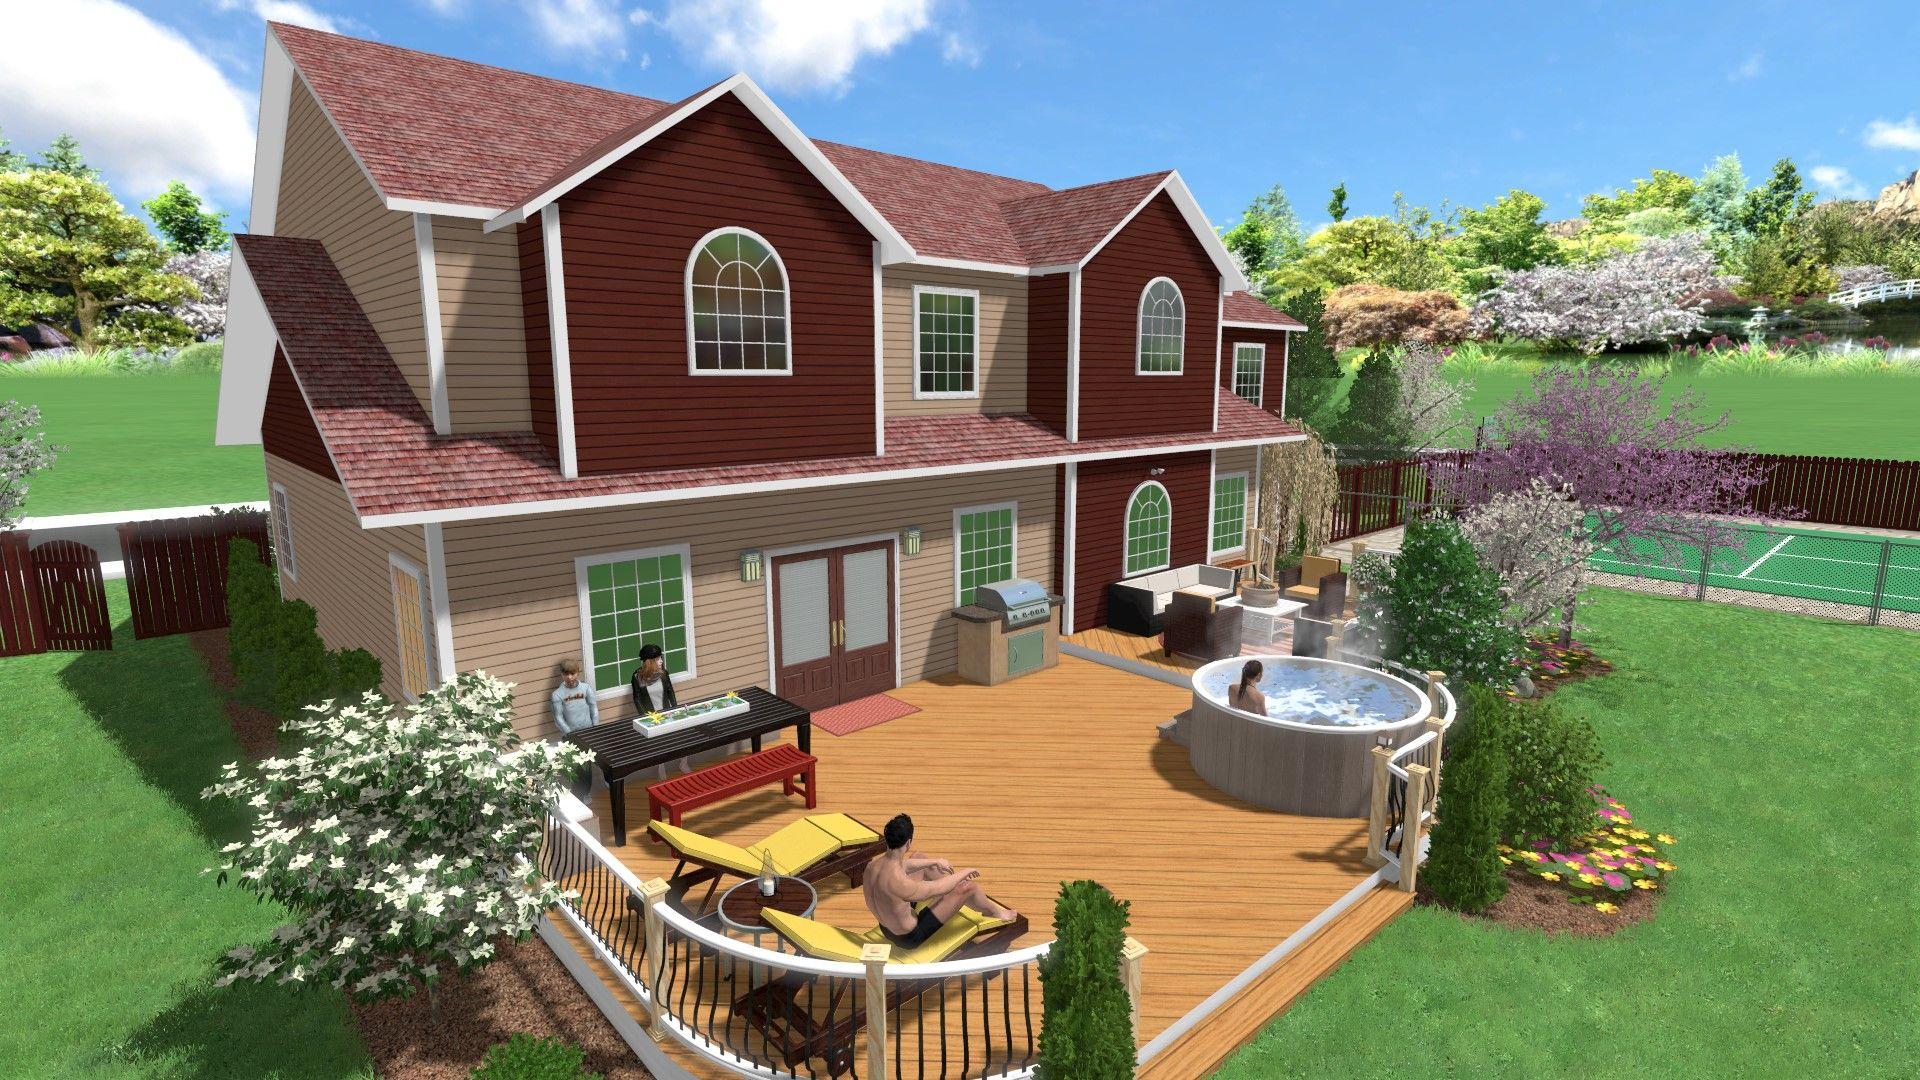 Diy Backyard Patio Patio Landscaping Landscape Design Software Home backyard design software